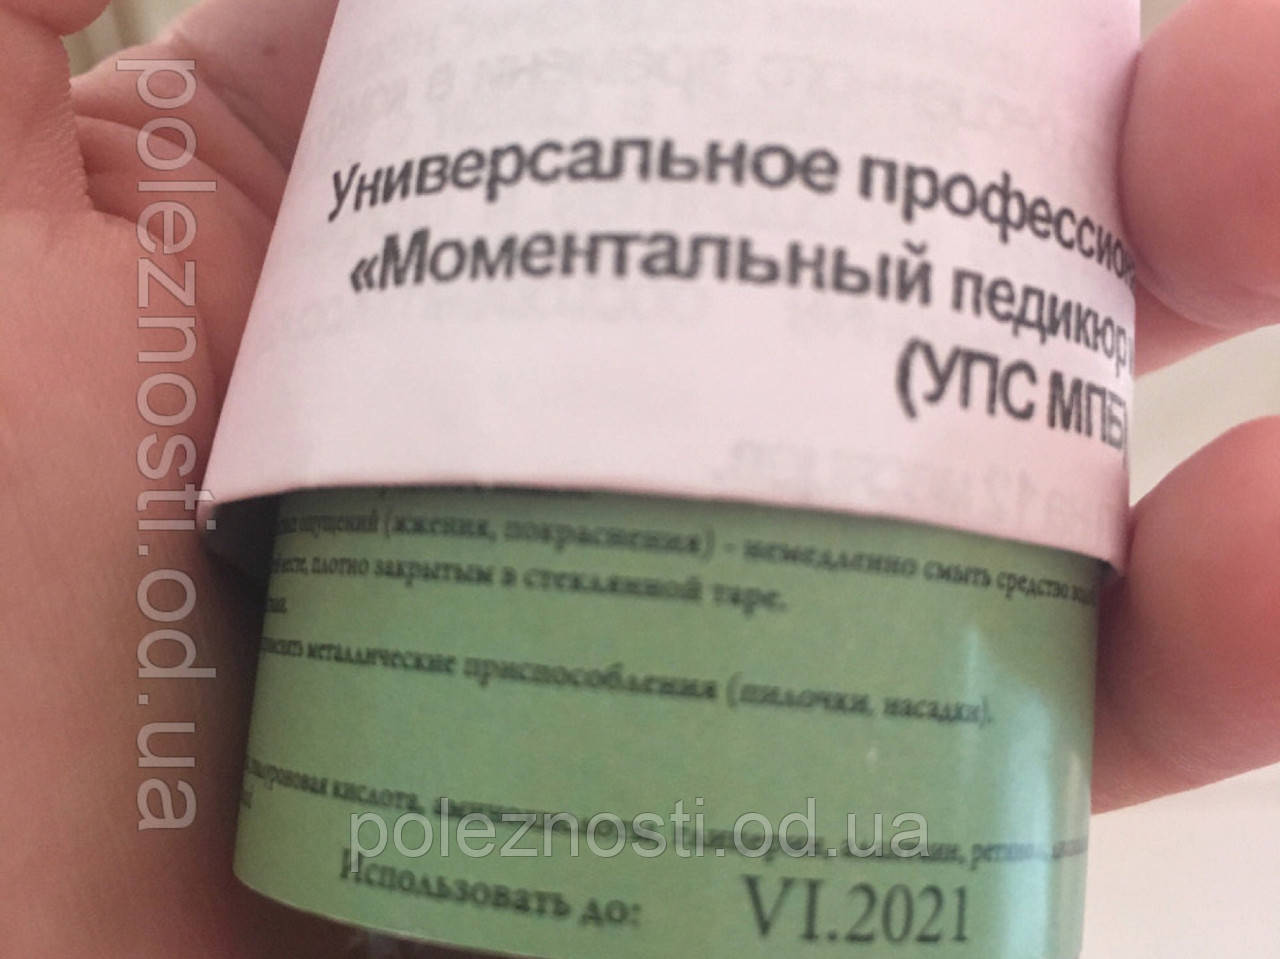 Моментальный педикюр и биоманикюр, 50 мл